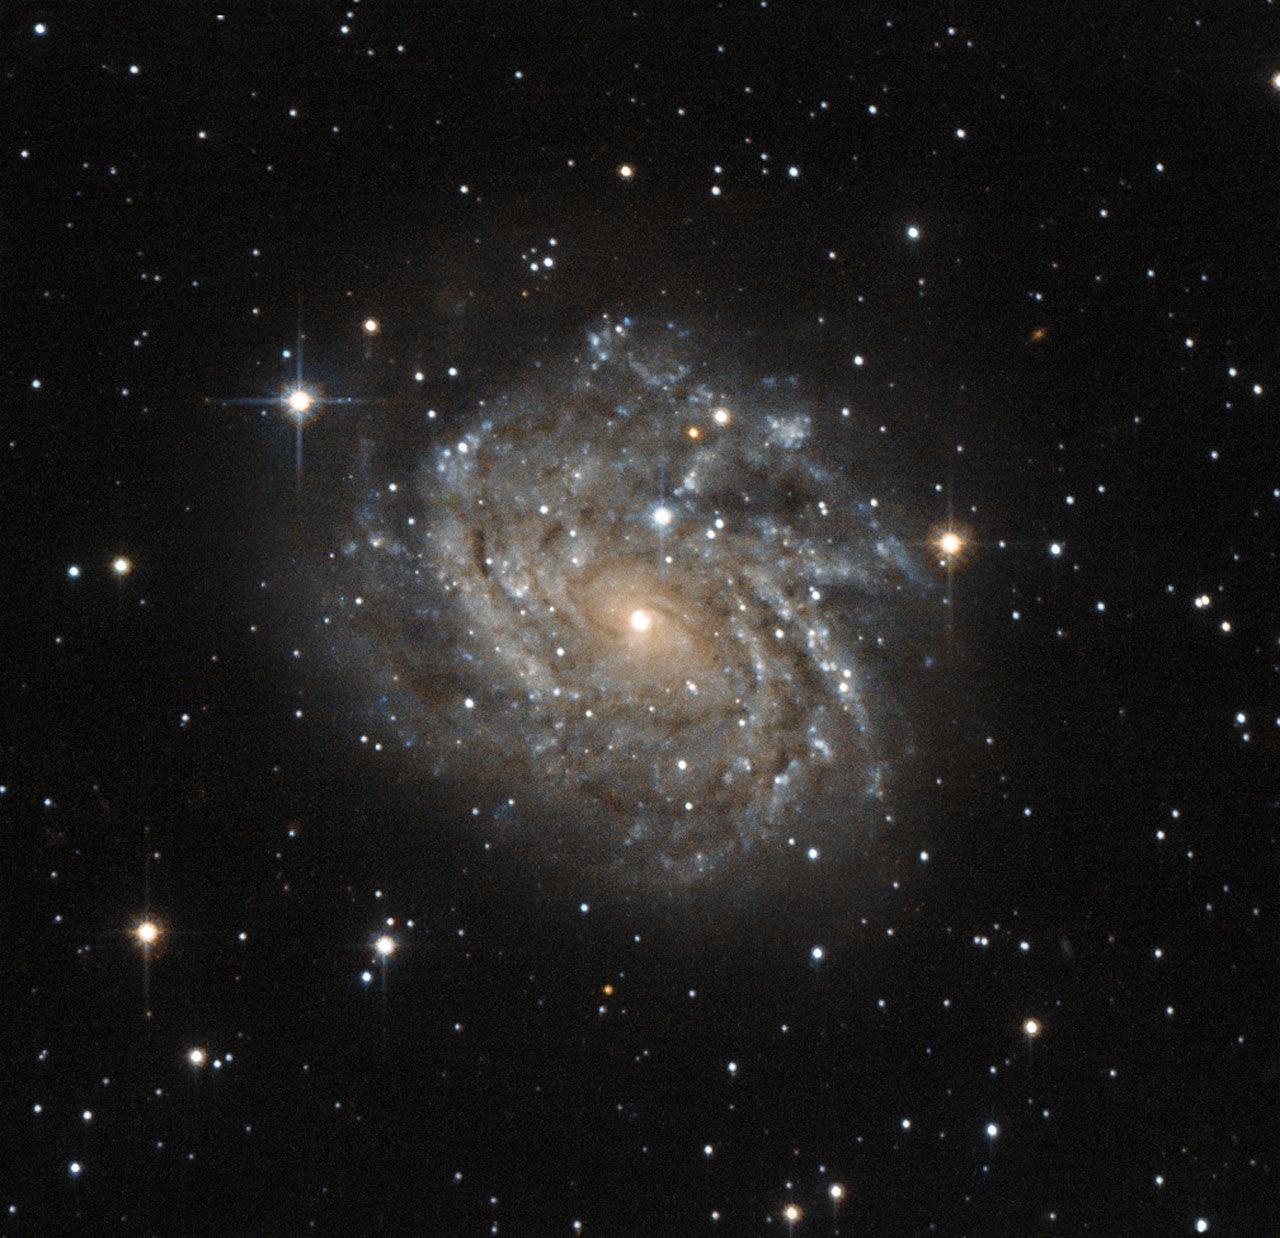 «Хаббл» наблюдает завораживающую спиральную галактику